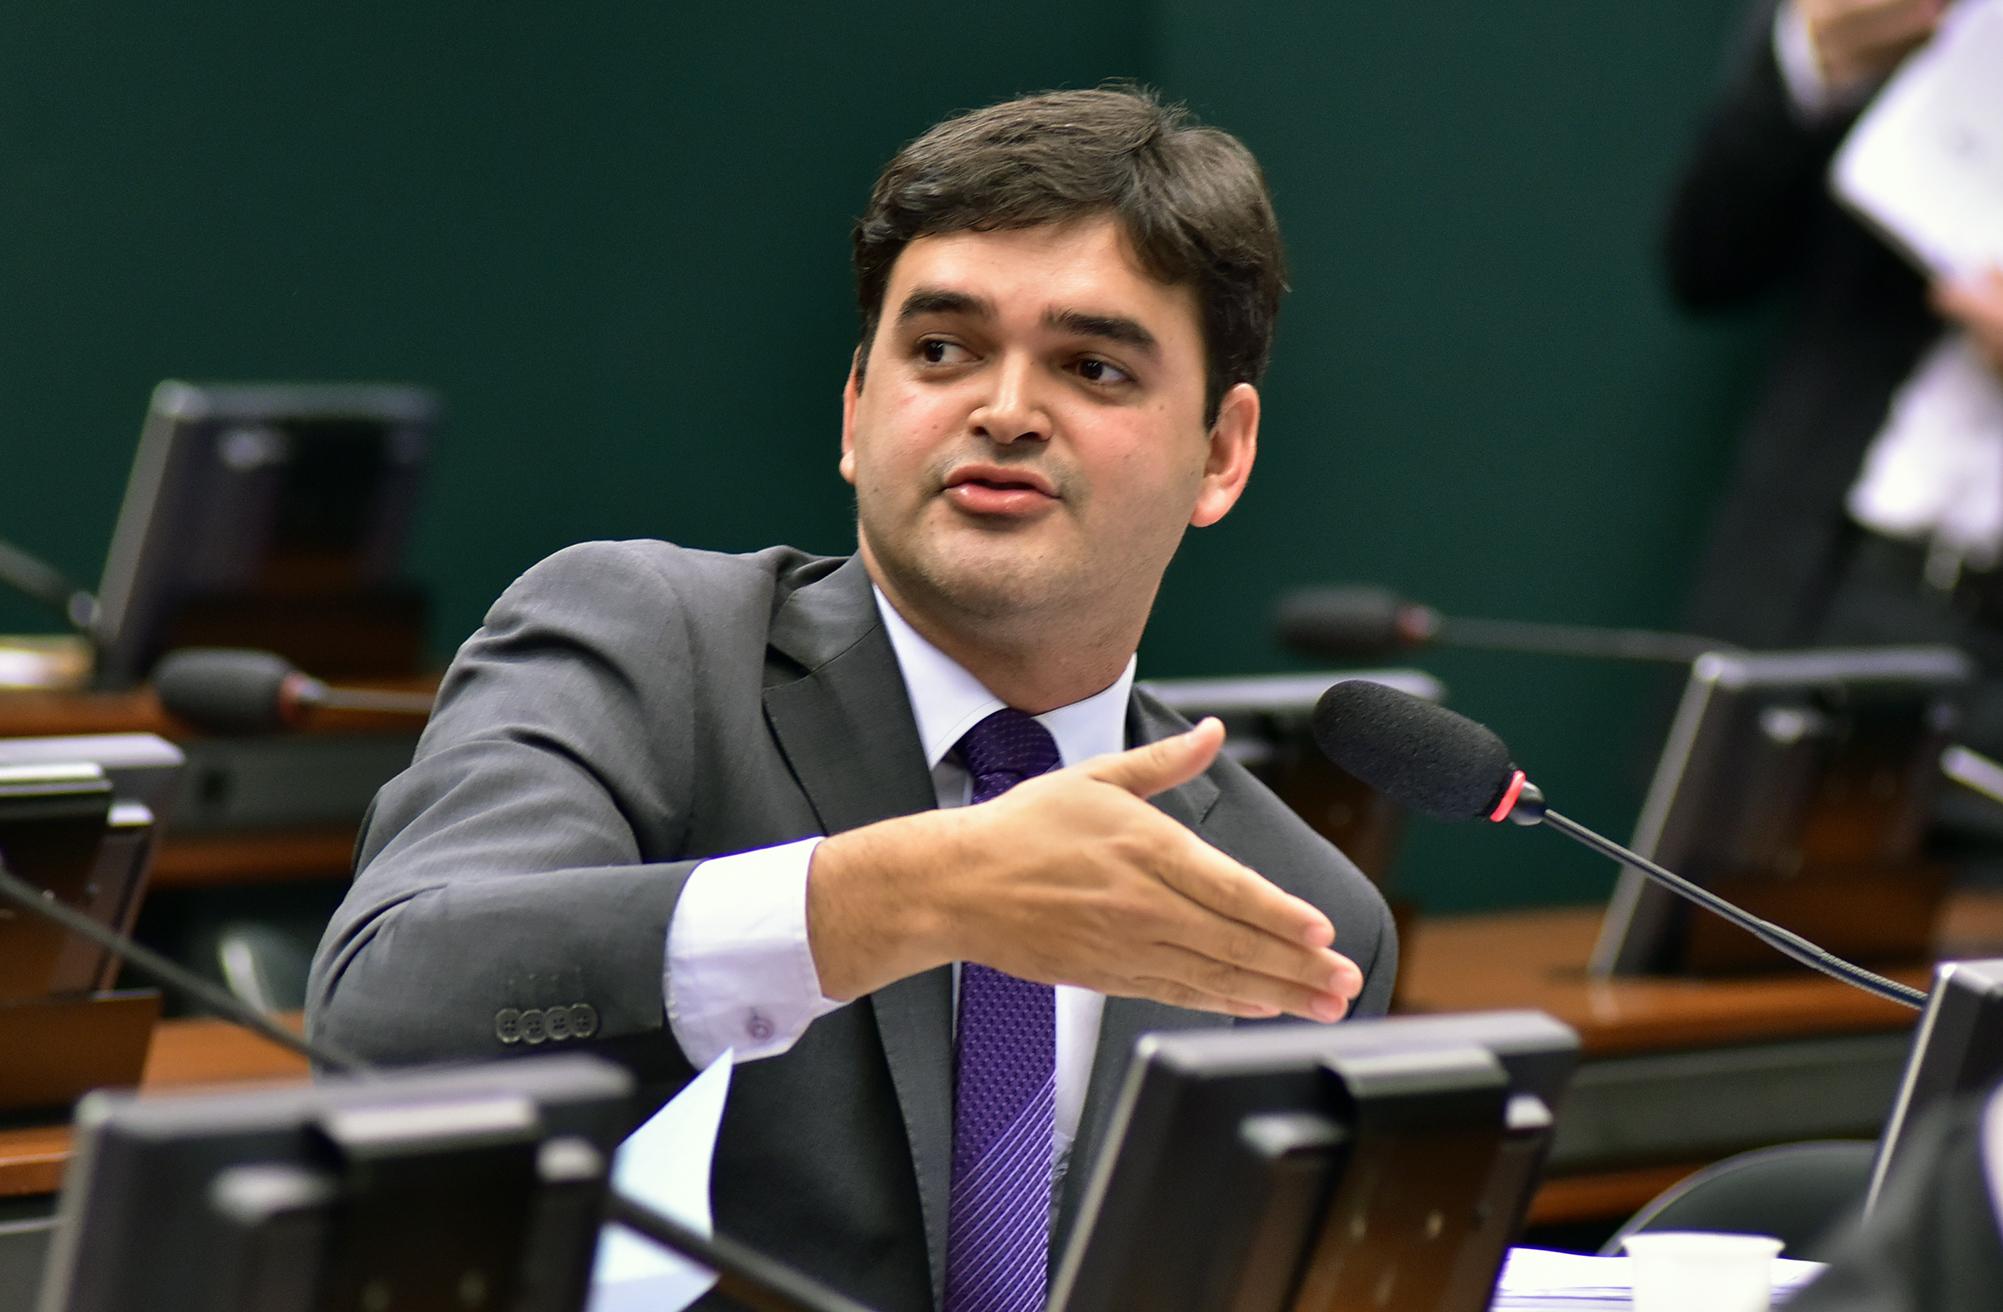 Reunião Extraordinária. Dep. Rubens Pereira Júnior (PCdoB - MA)